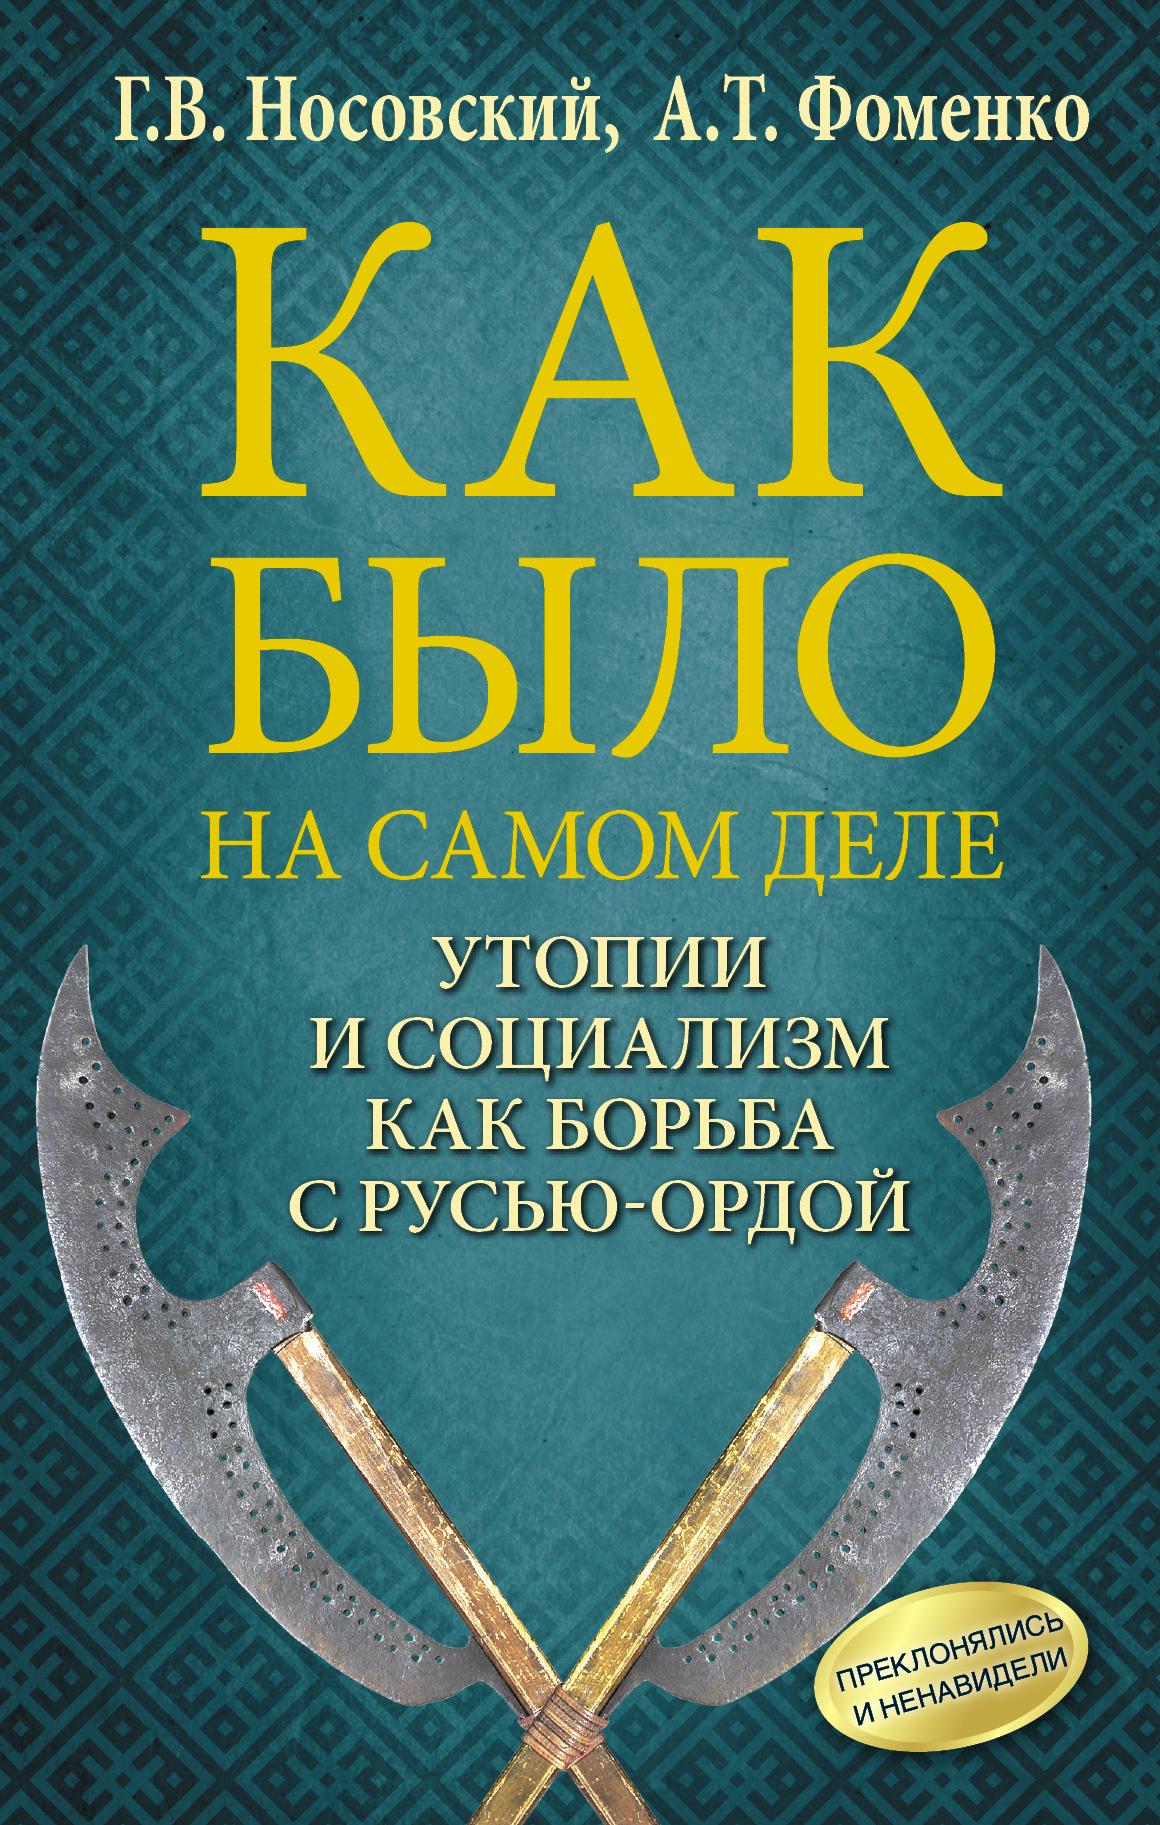 Утопии и социализм как борьба с Русью-Ордой. Преклонялись и ненавидели